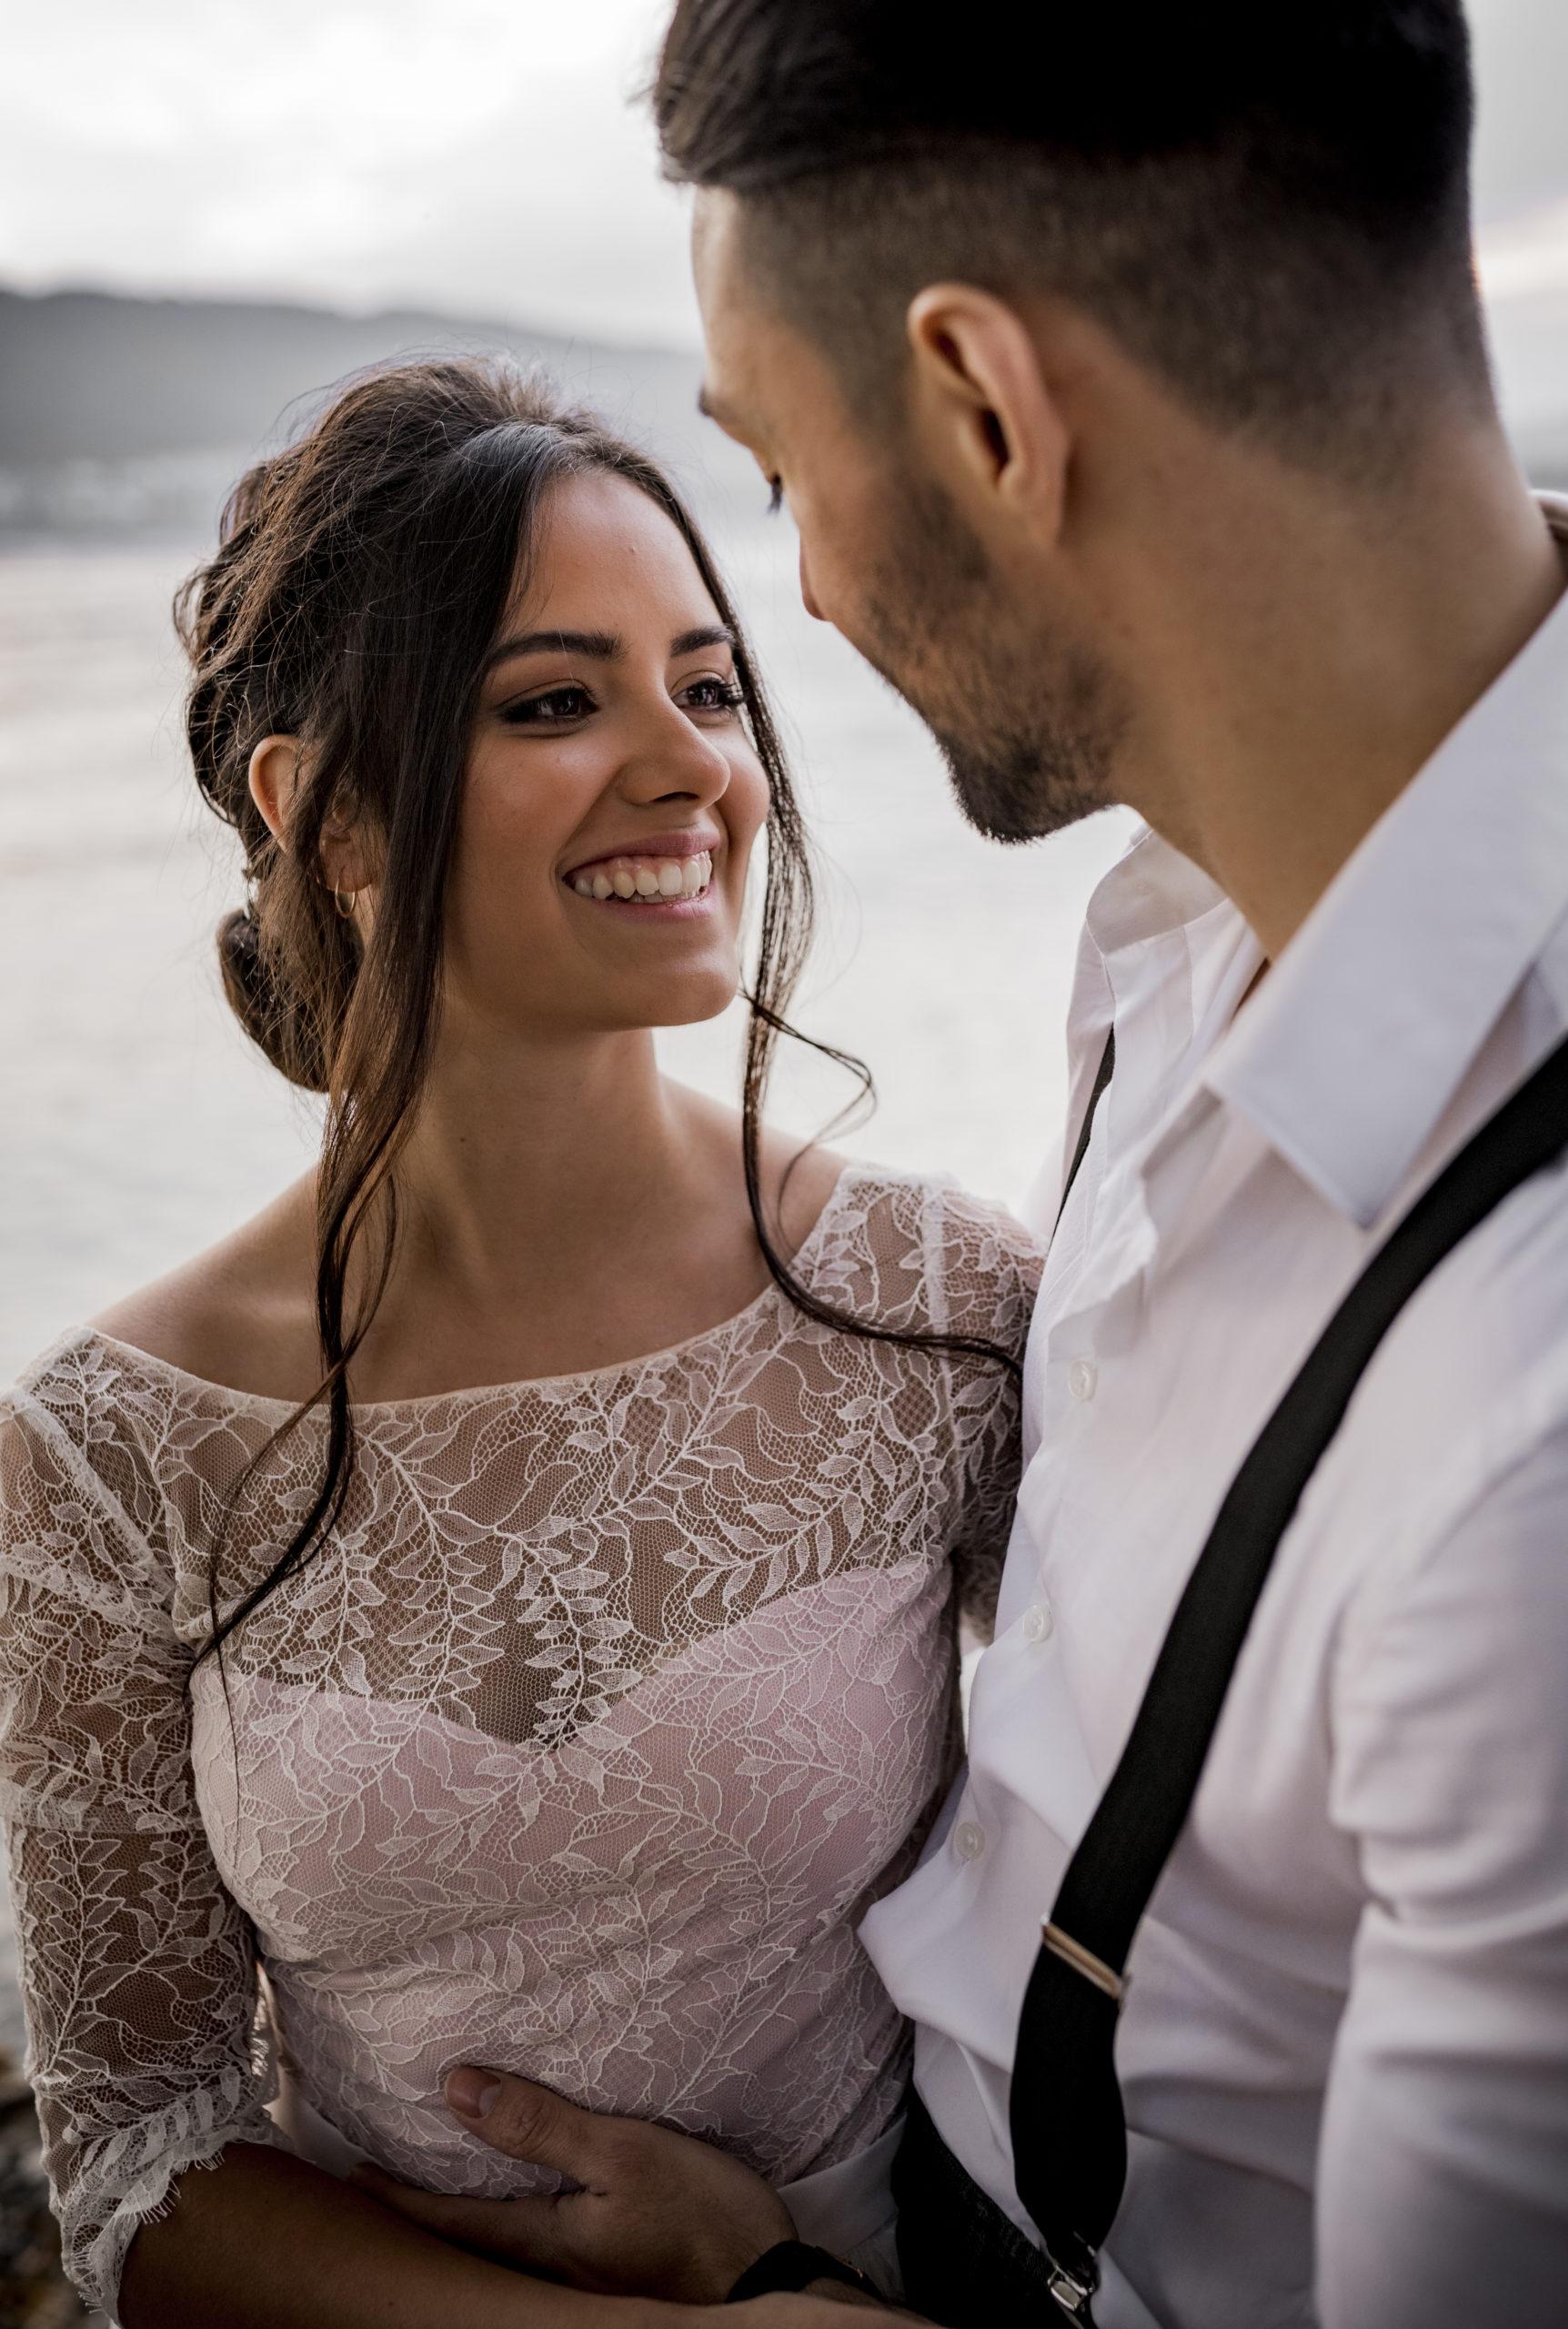 noni Brautmode, Styled Shoot am Bodensee, Model-Pärchen händchenhaltend am Seeufer bei Sonnenschein, Braut mit zweiteiligem Brautkleid in Puderrosa-Optik, Bräutigam mit Hemd und Hosenträgern, umarmend, beide lachend, Nahaufnahme